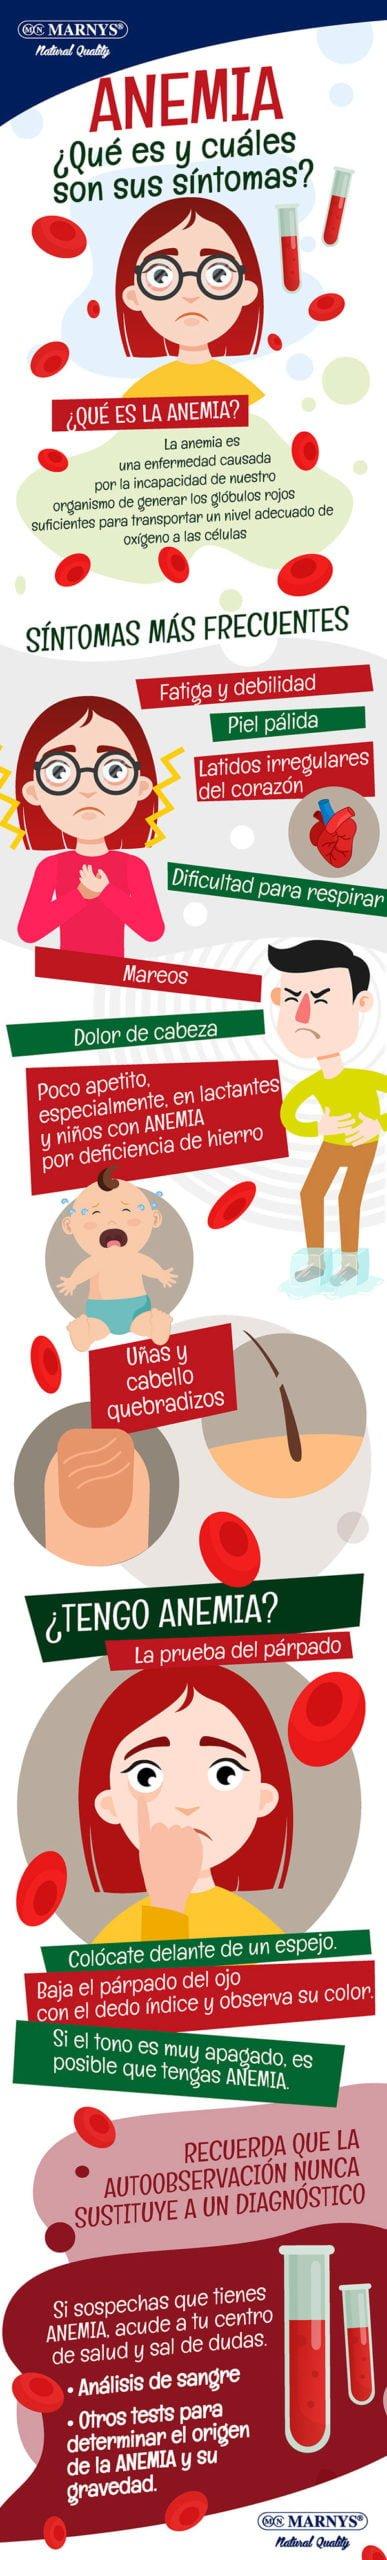 Infografía Anemia